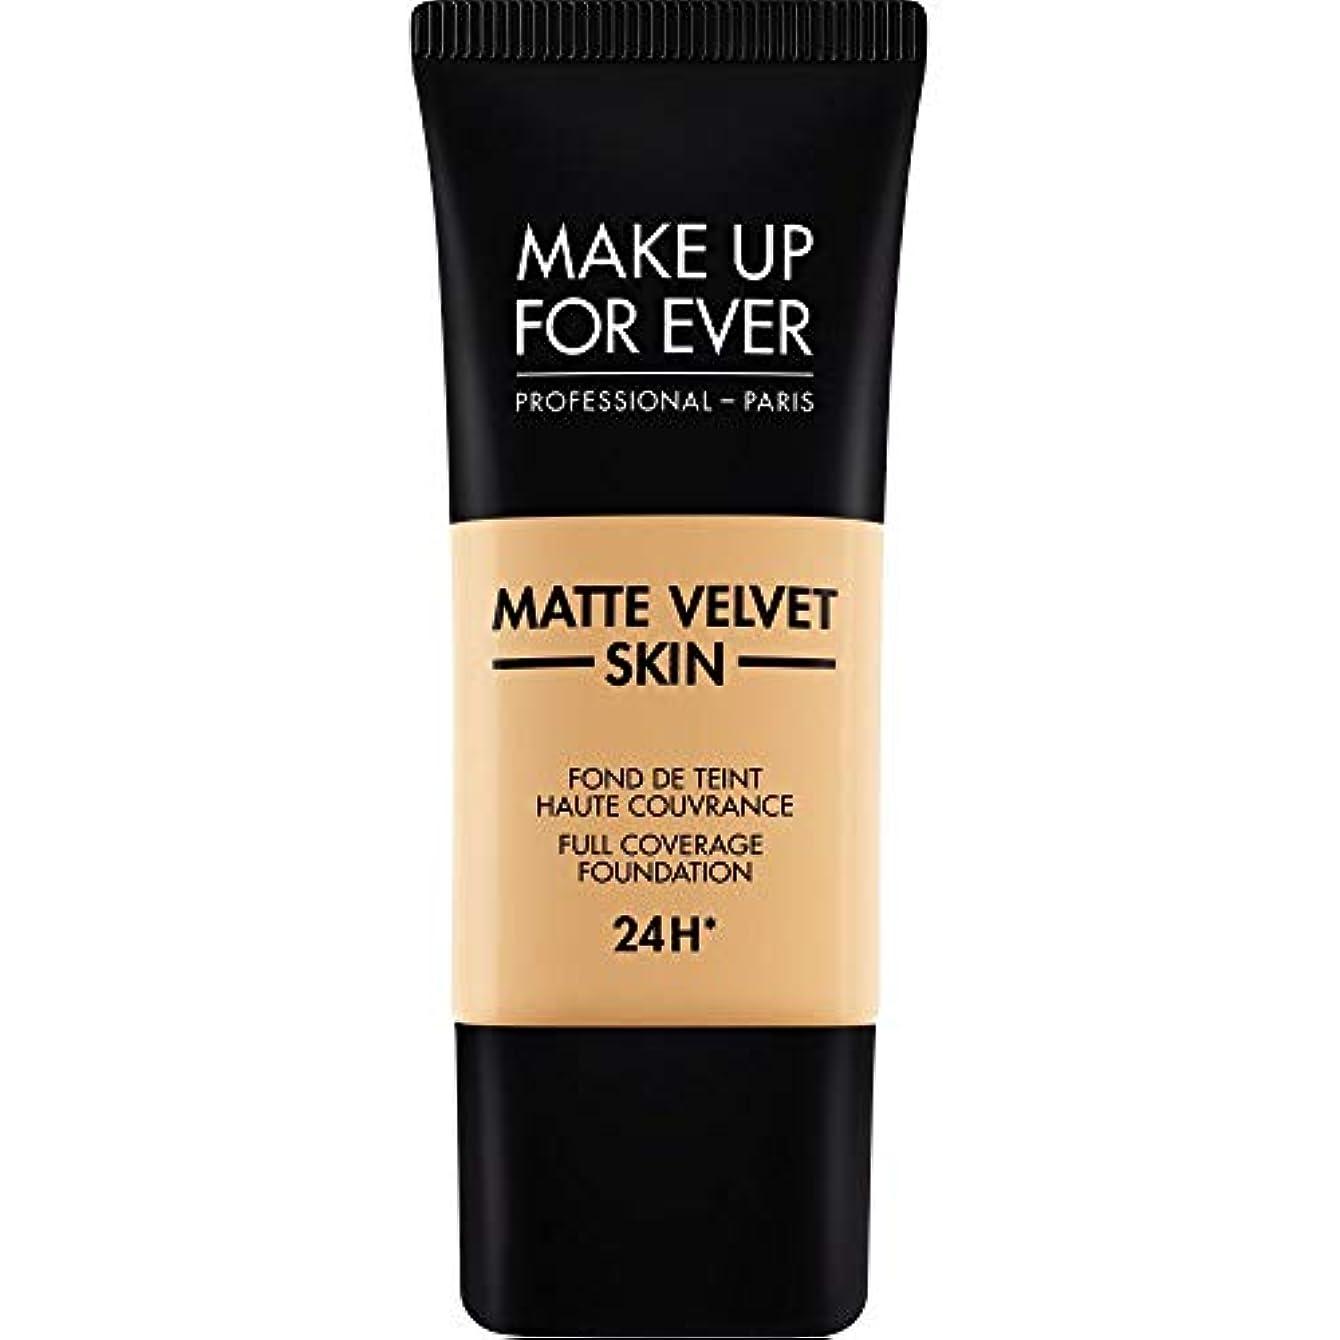 迅速マネージャー洋服[MAKE UP FOR EVER ] ナチュラルベージュ - これまでマットベルベットの皮膚のフルカバレッジ基礎30ミリリットルのY345を補います - MAKE UP FOR EVER Matte Velvet Skin Full Coverage Foundation 30ml Y345 - Natural Beige [並行輸入品]